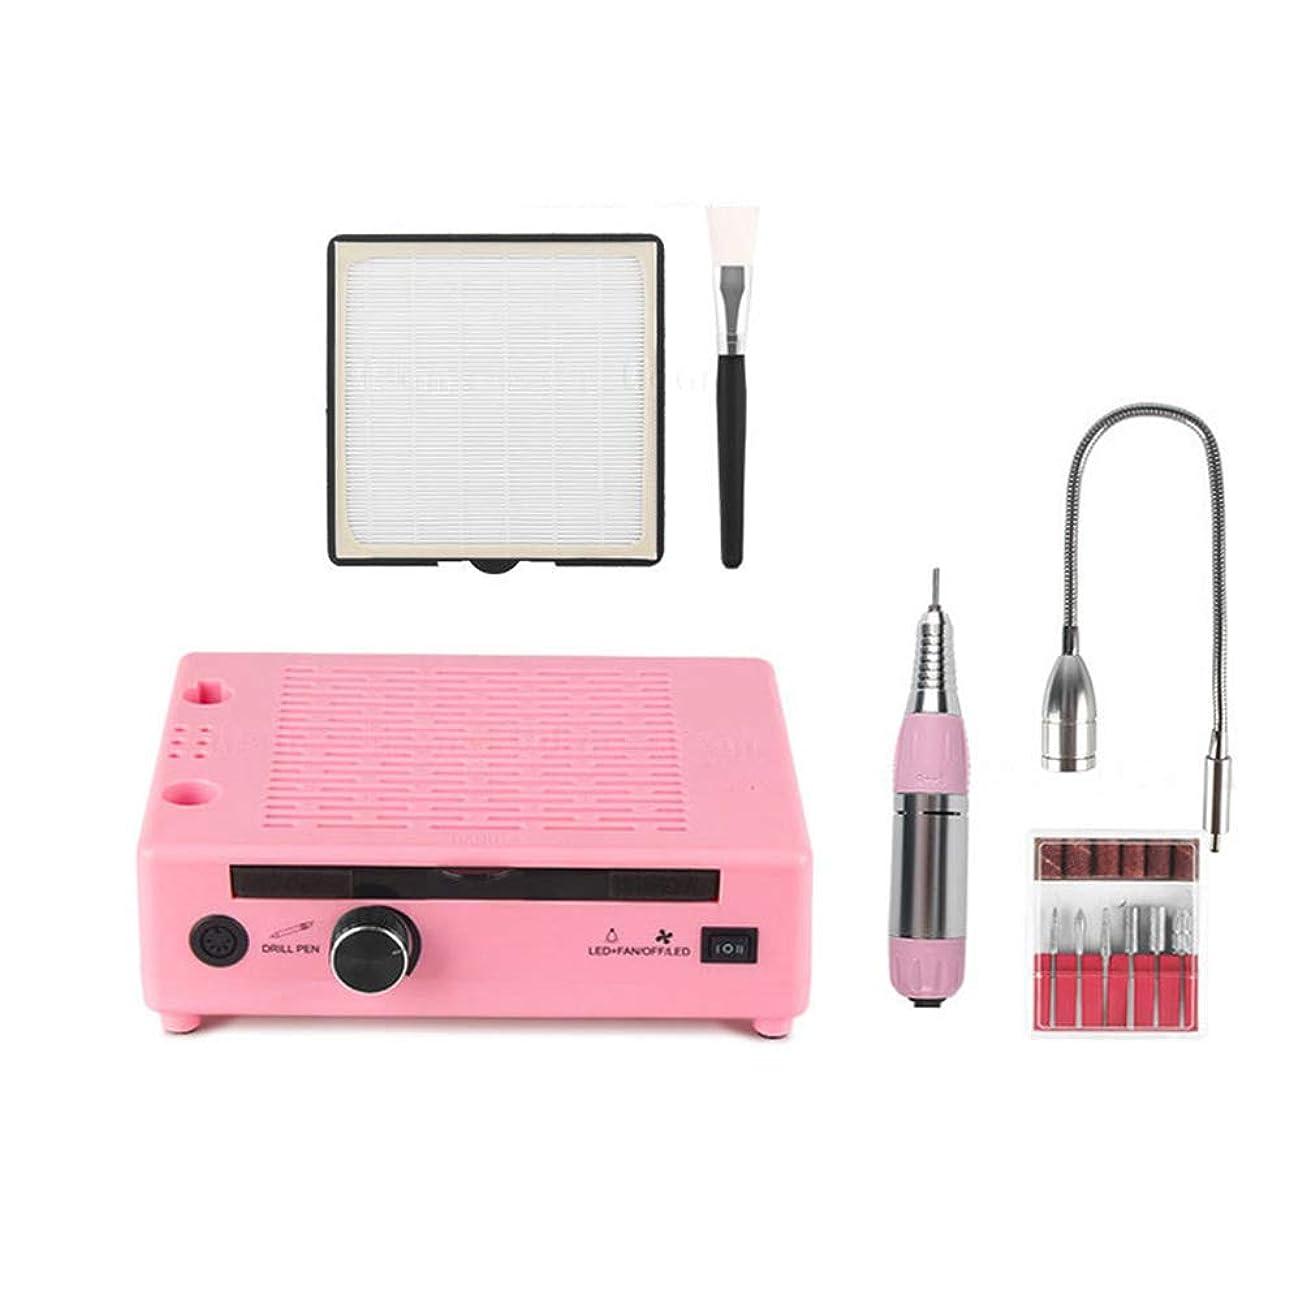 ジョガー女王マグ3 IN 1電気ネイルドリルマニキュアペディキュアマシンネイルバキュームクレンザー集塵機LEDランプ電気ネイルファイル